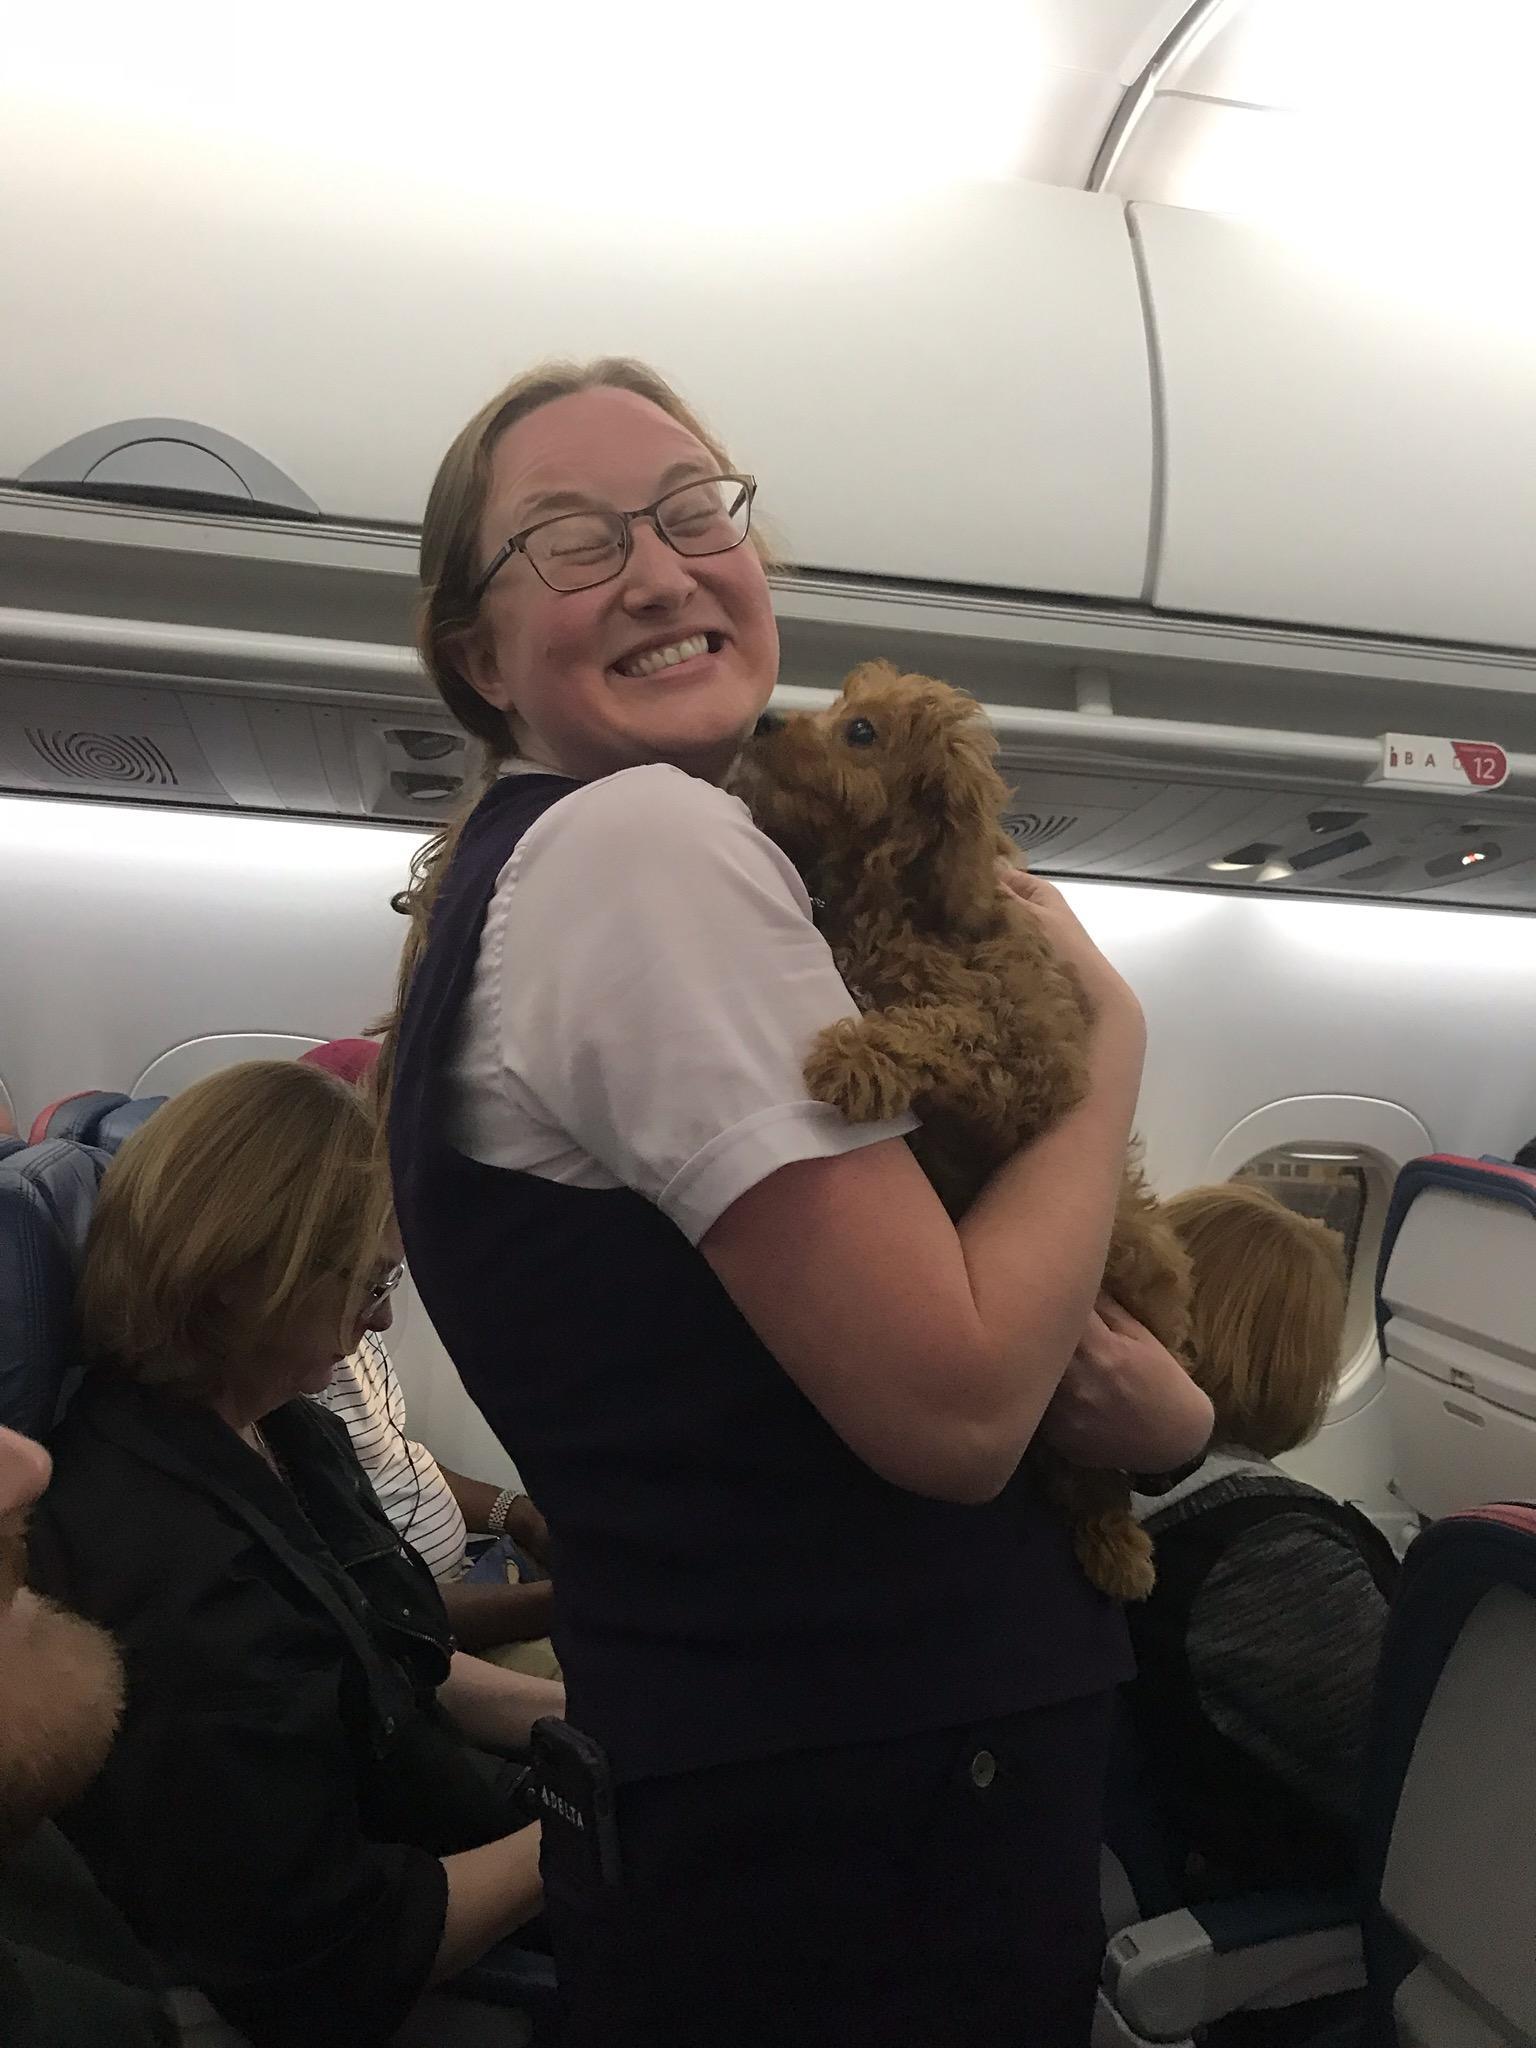 A flight attendant enjoying a few puppy kisses from a recent puppy flight.